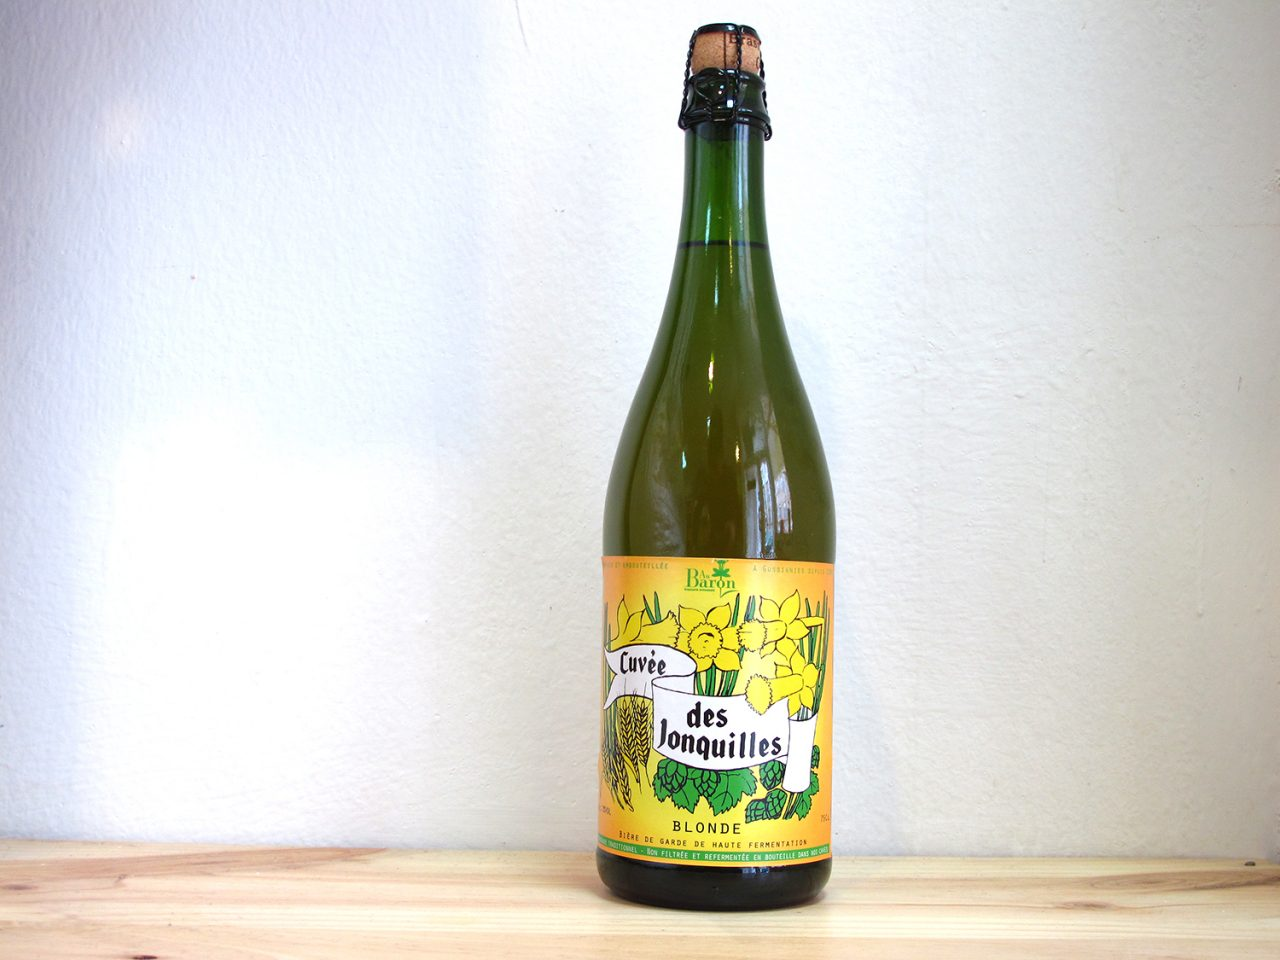 Cerveza Cuvée des Jonquilles - Biere de Garde